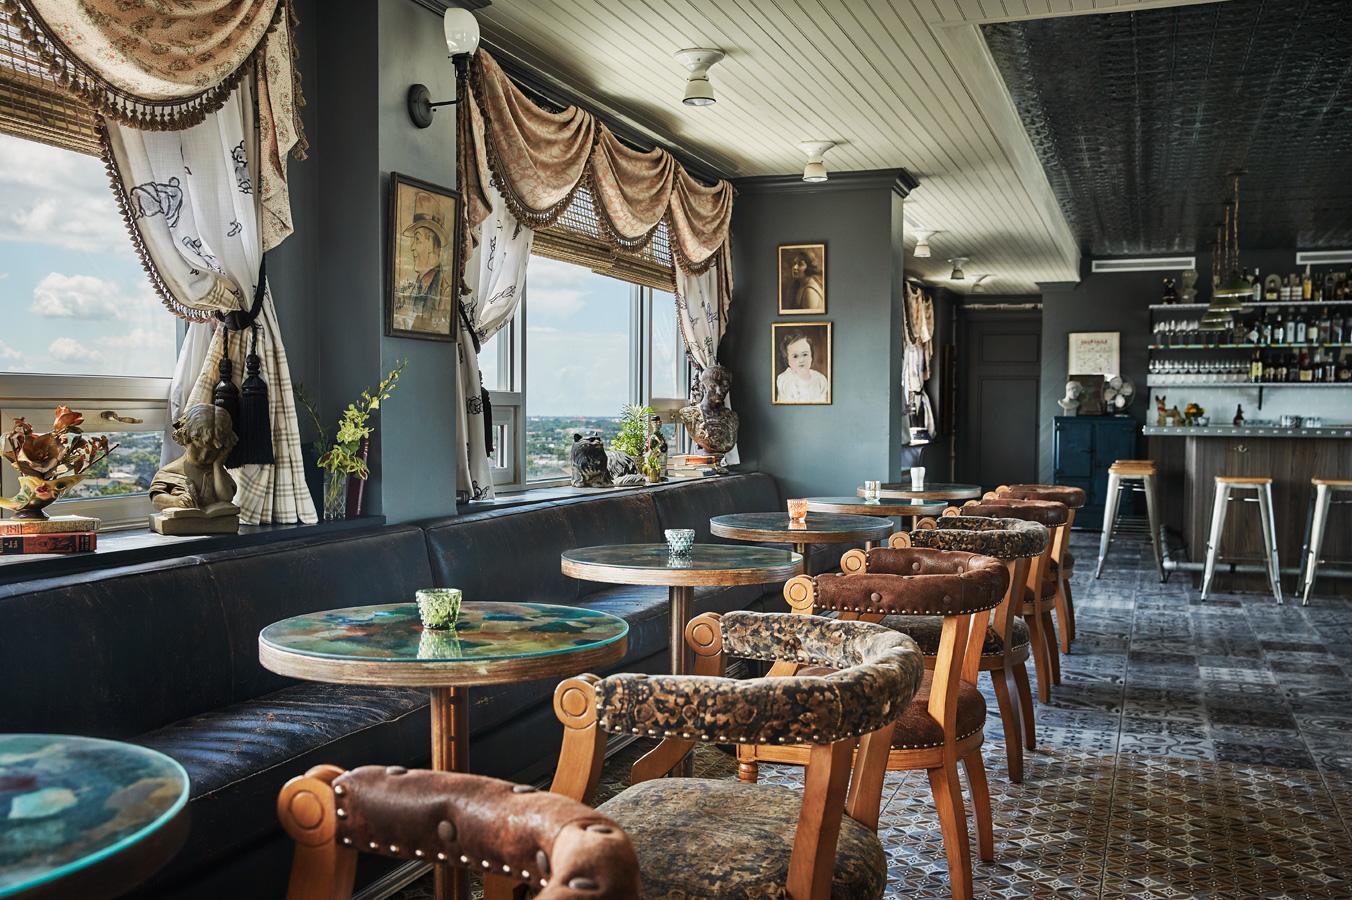 Dining room at Hot Tin